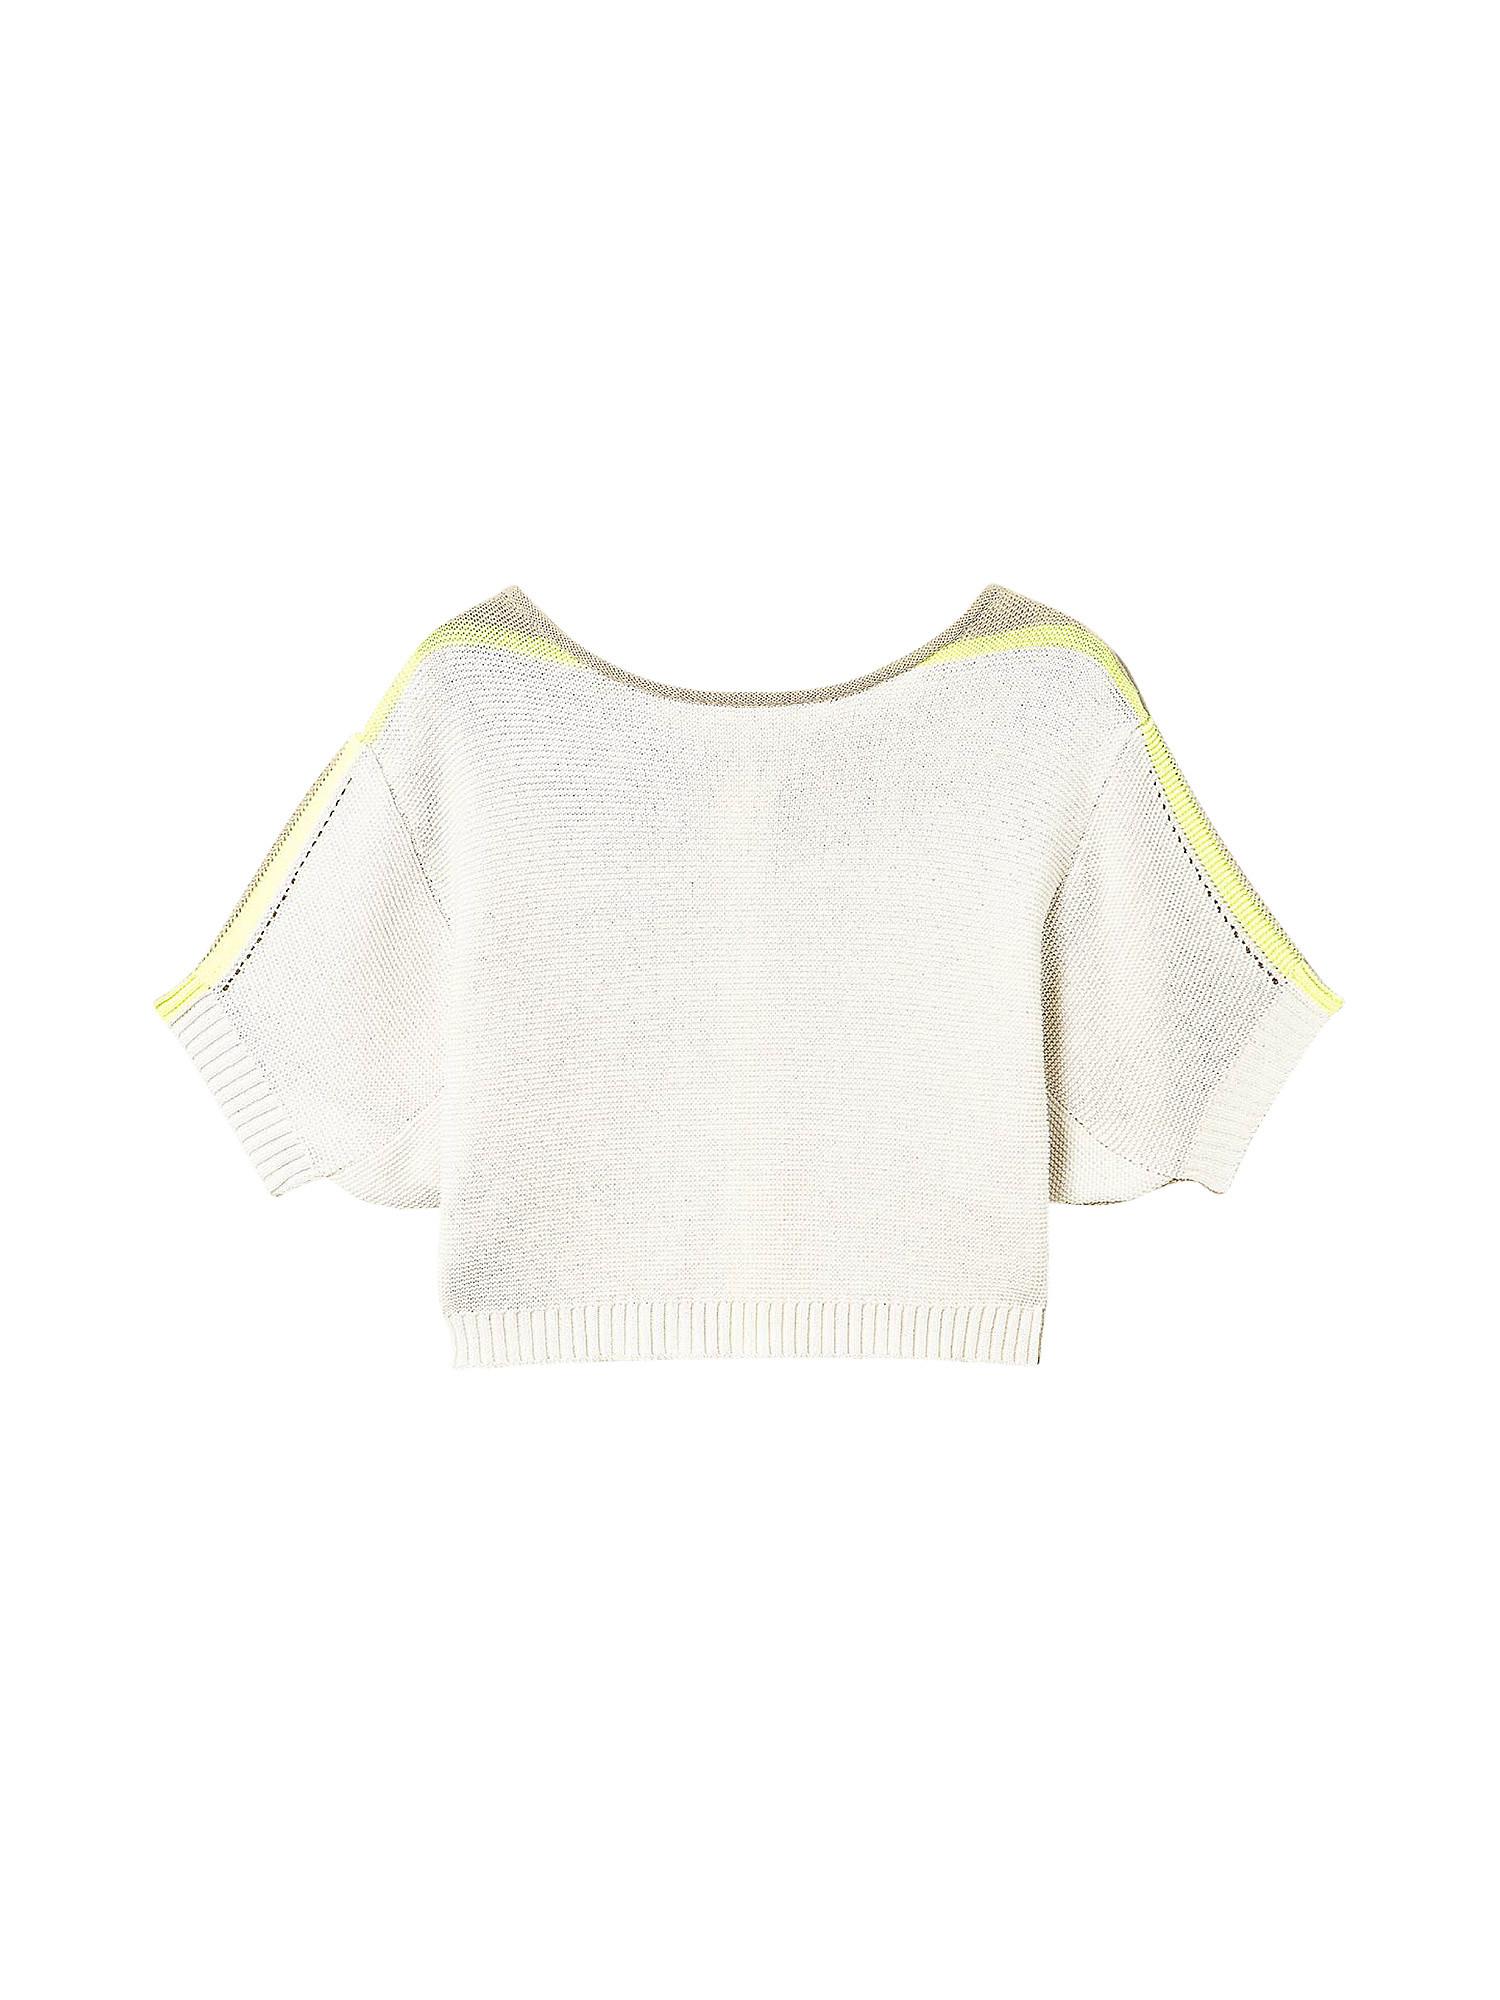 Cardigan in maglia doppio uso dettagli fluo, Bianco, large image number 0